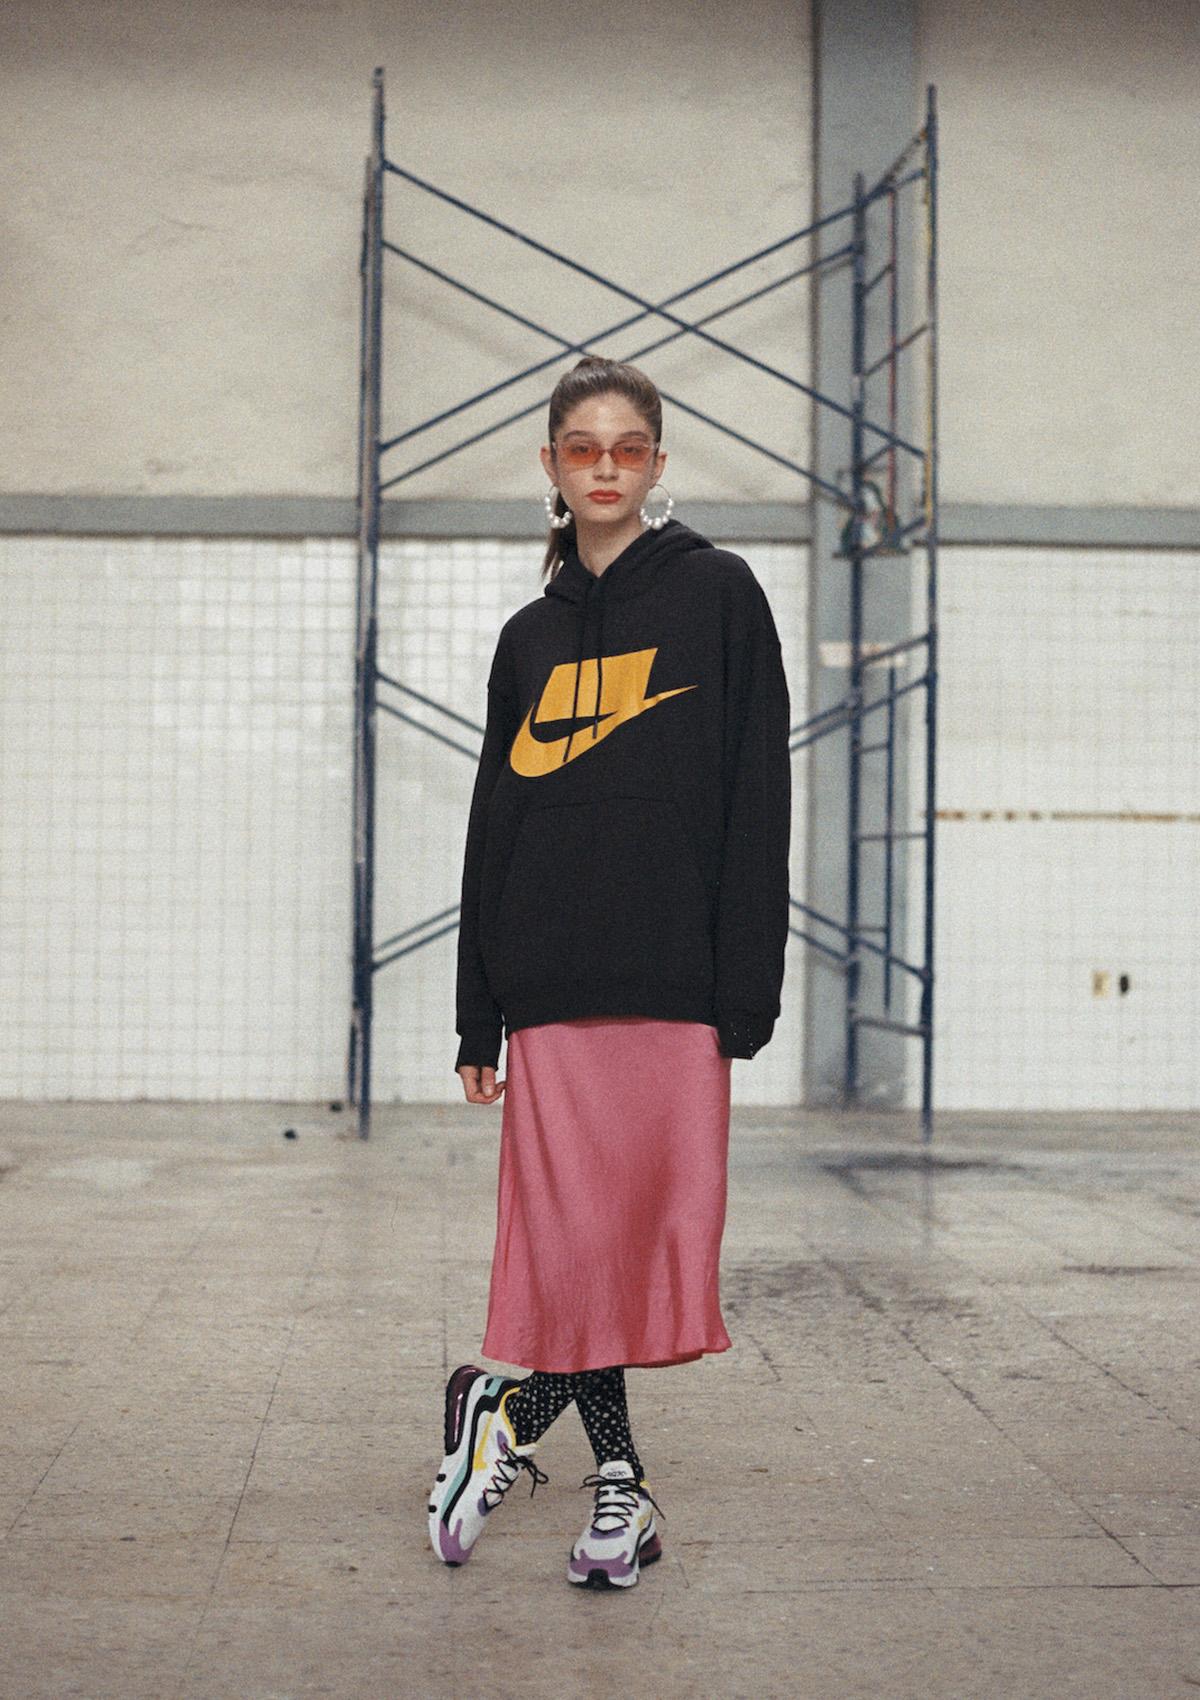 Sudadera Nike Sportpack, Vestido Zara, Aretes Bershka, Lentes y medias propiedad de la stylist